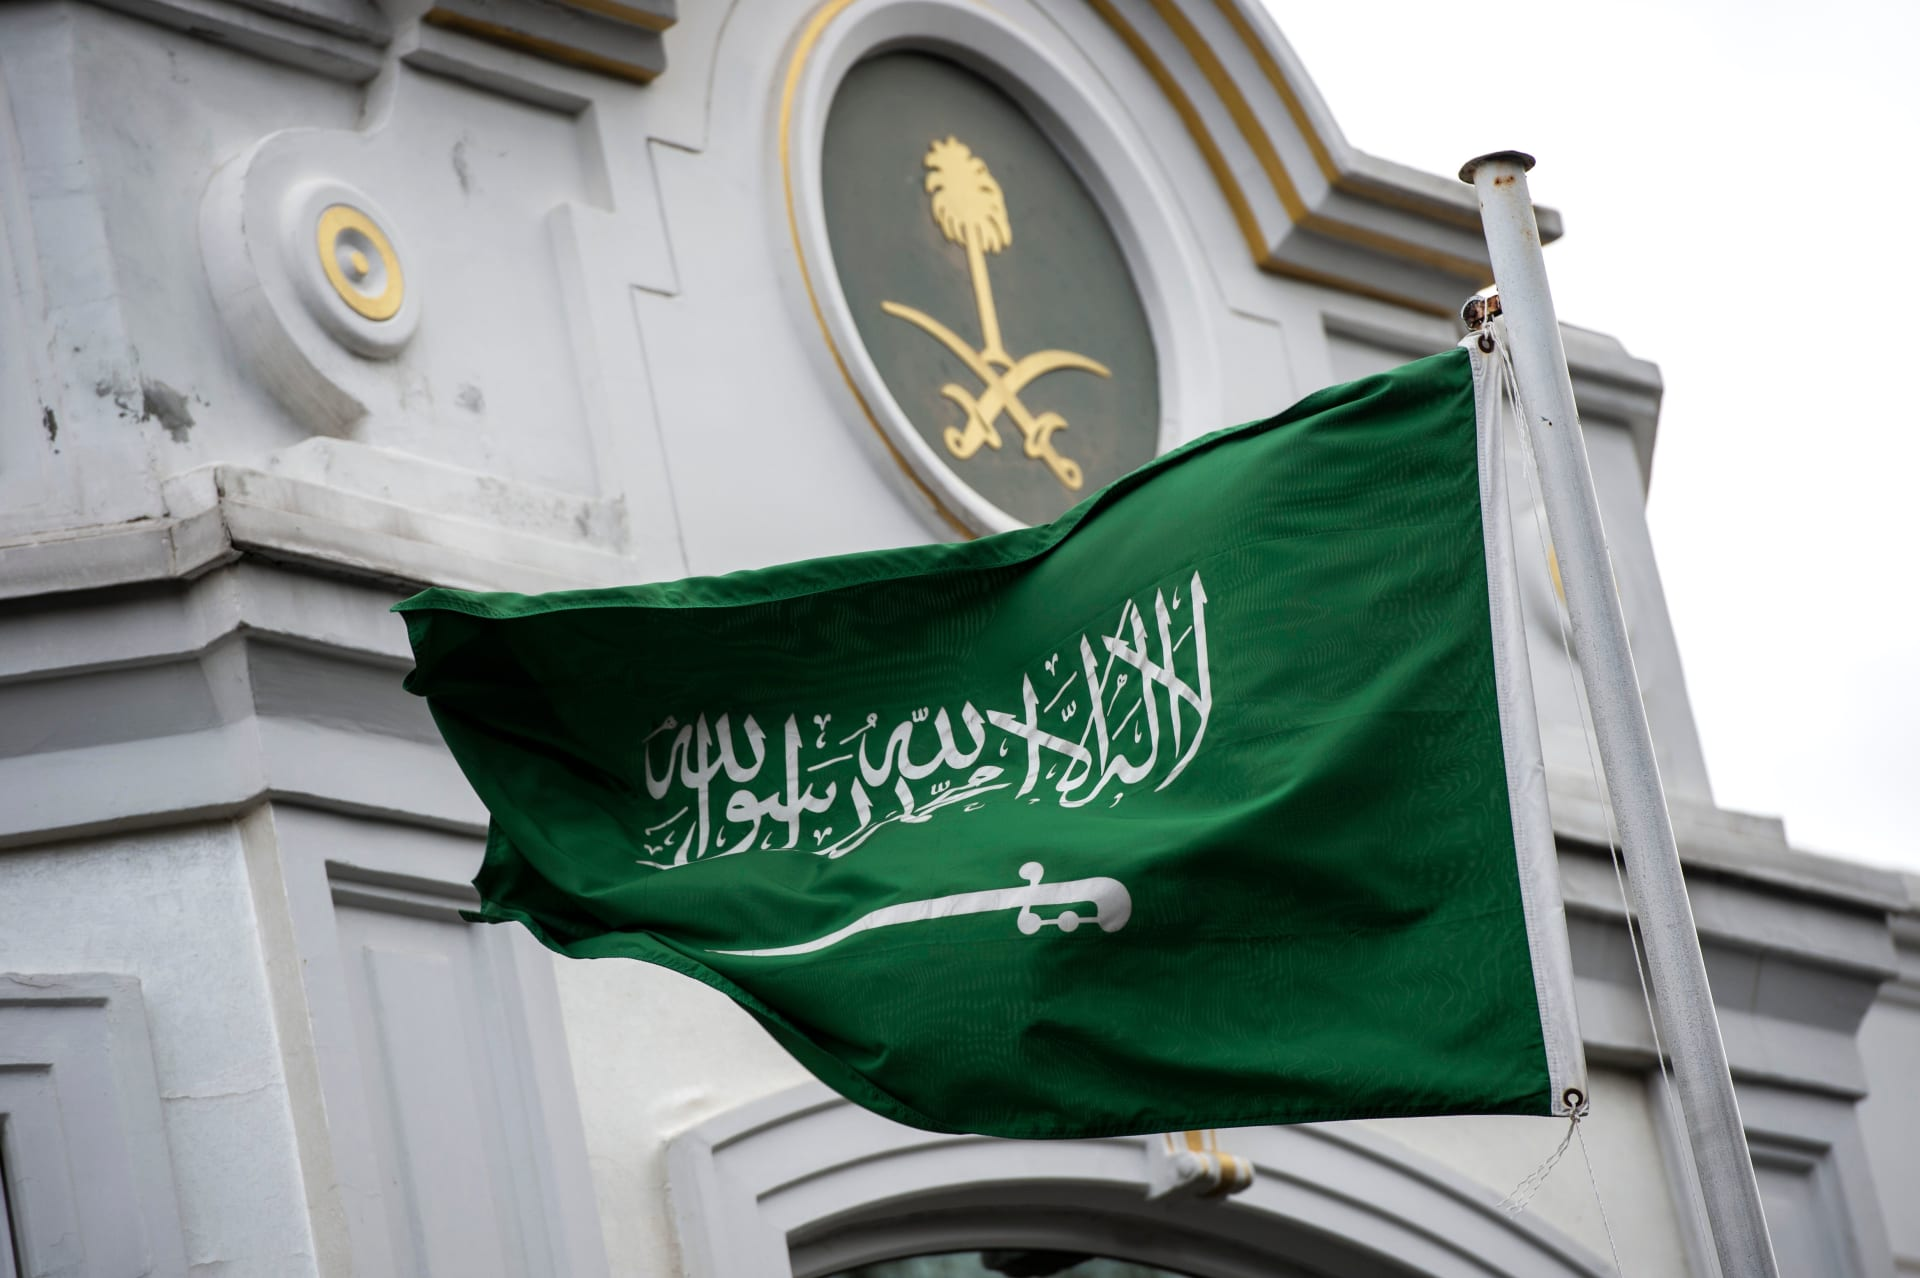 """السعودية.. إلغاء عقوبة الإعدام بحق القُصر واستبدالها بالسجن في """"دور الإصلاح"""""""